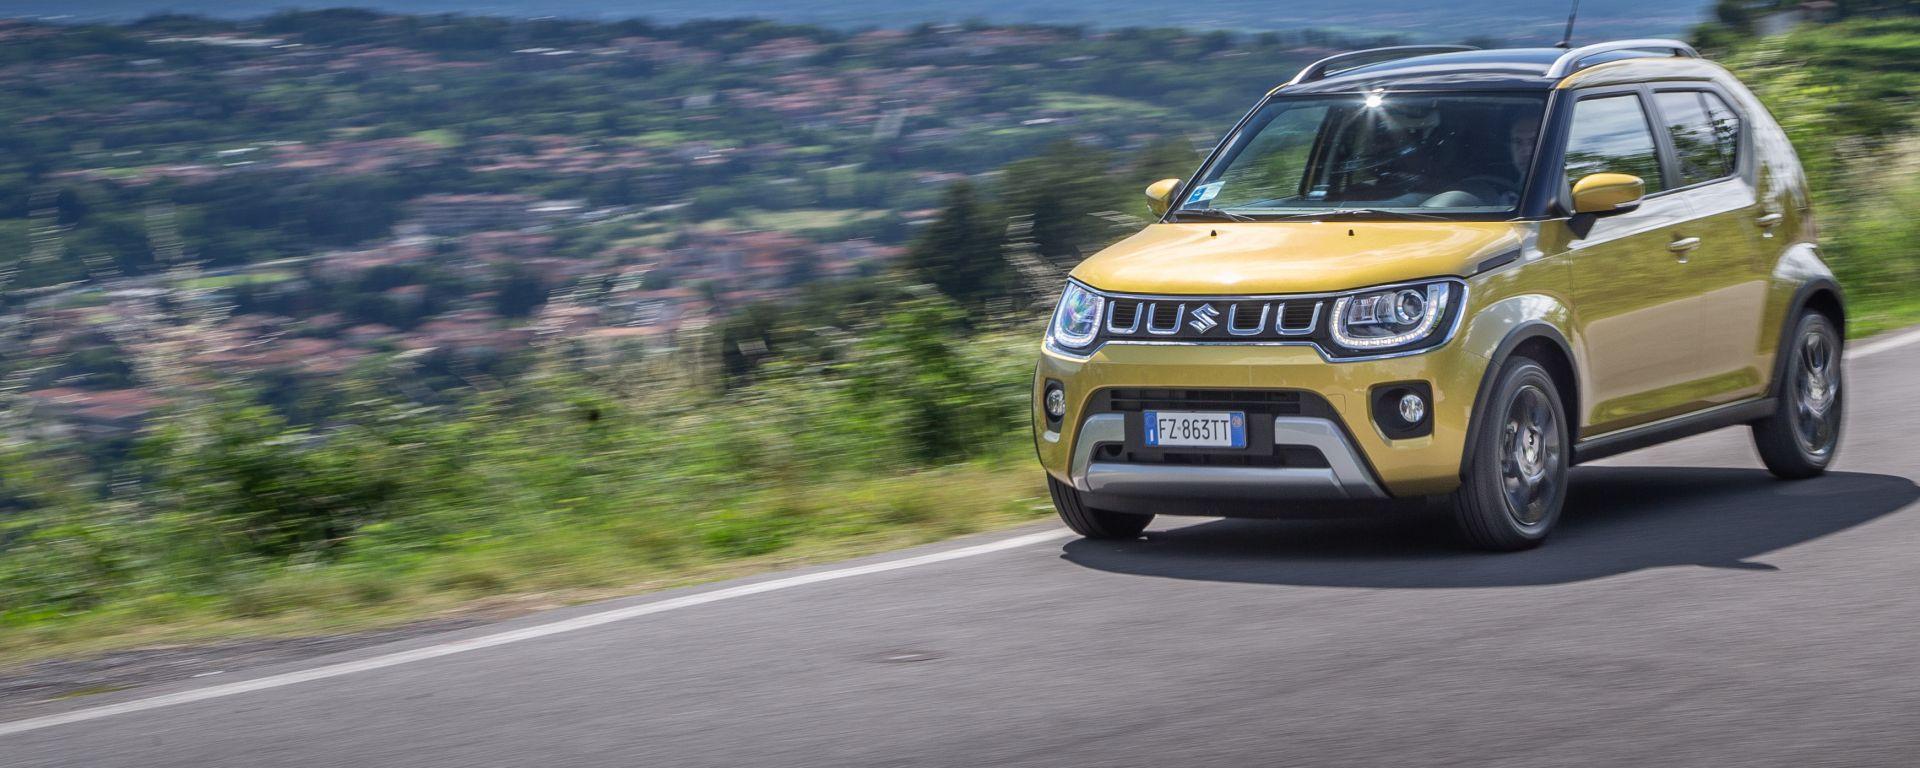 Nuova Suzuki Ignis Hybrid, più scattante e risparmiosa. La prova